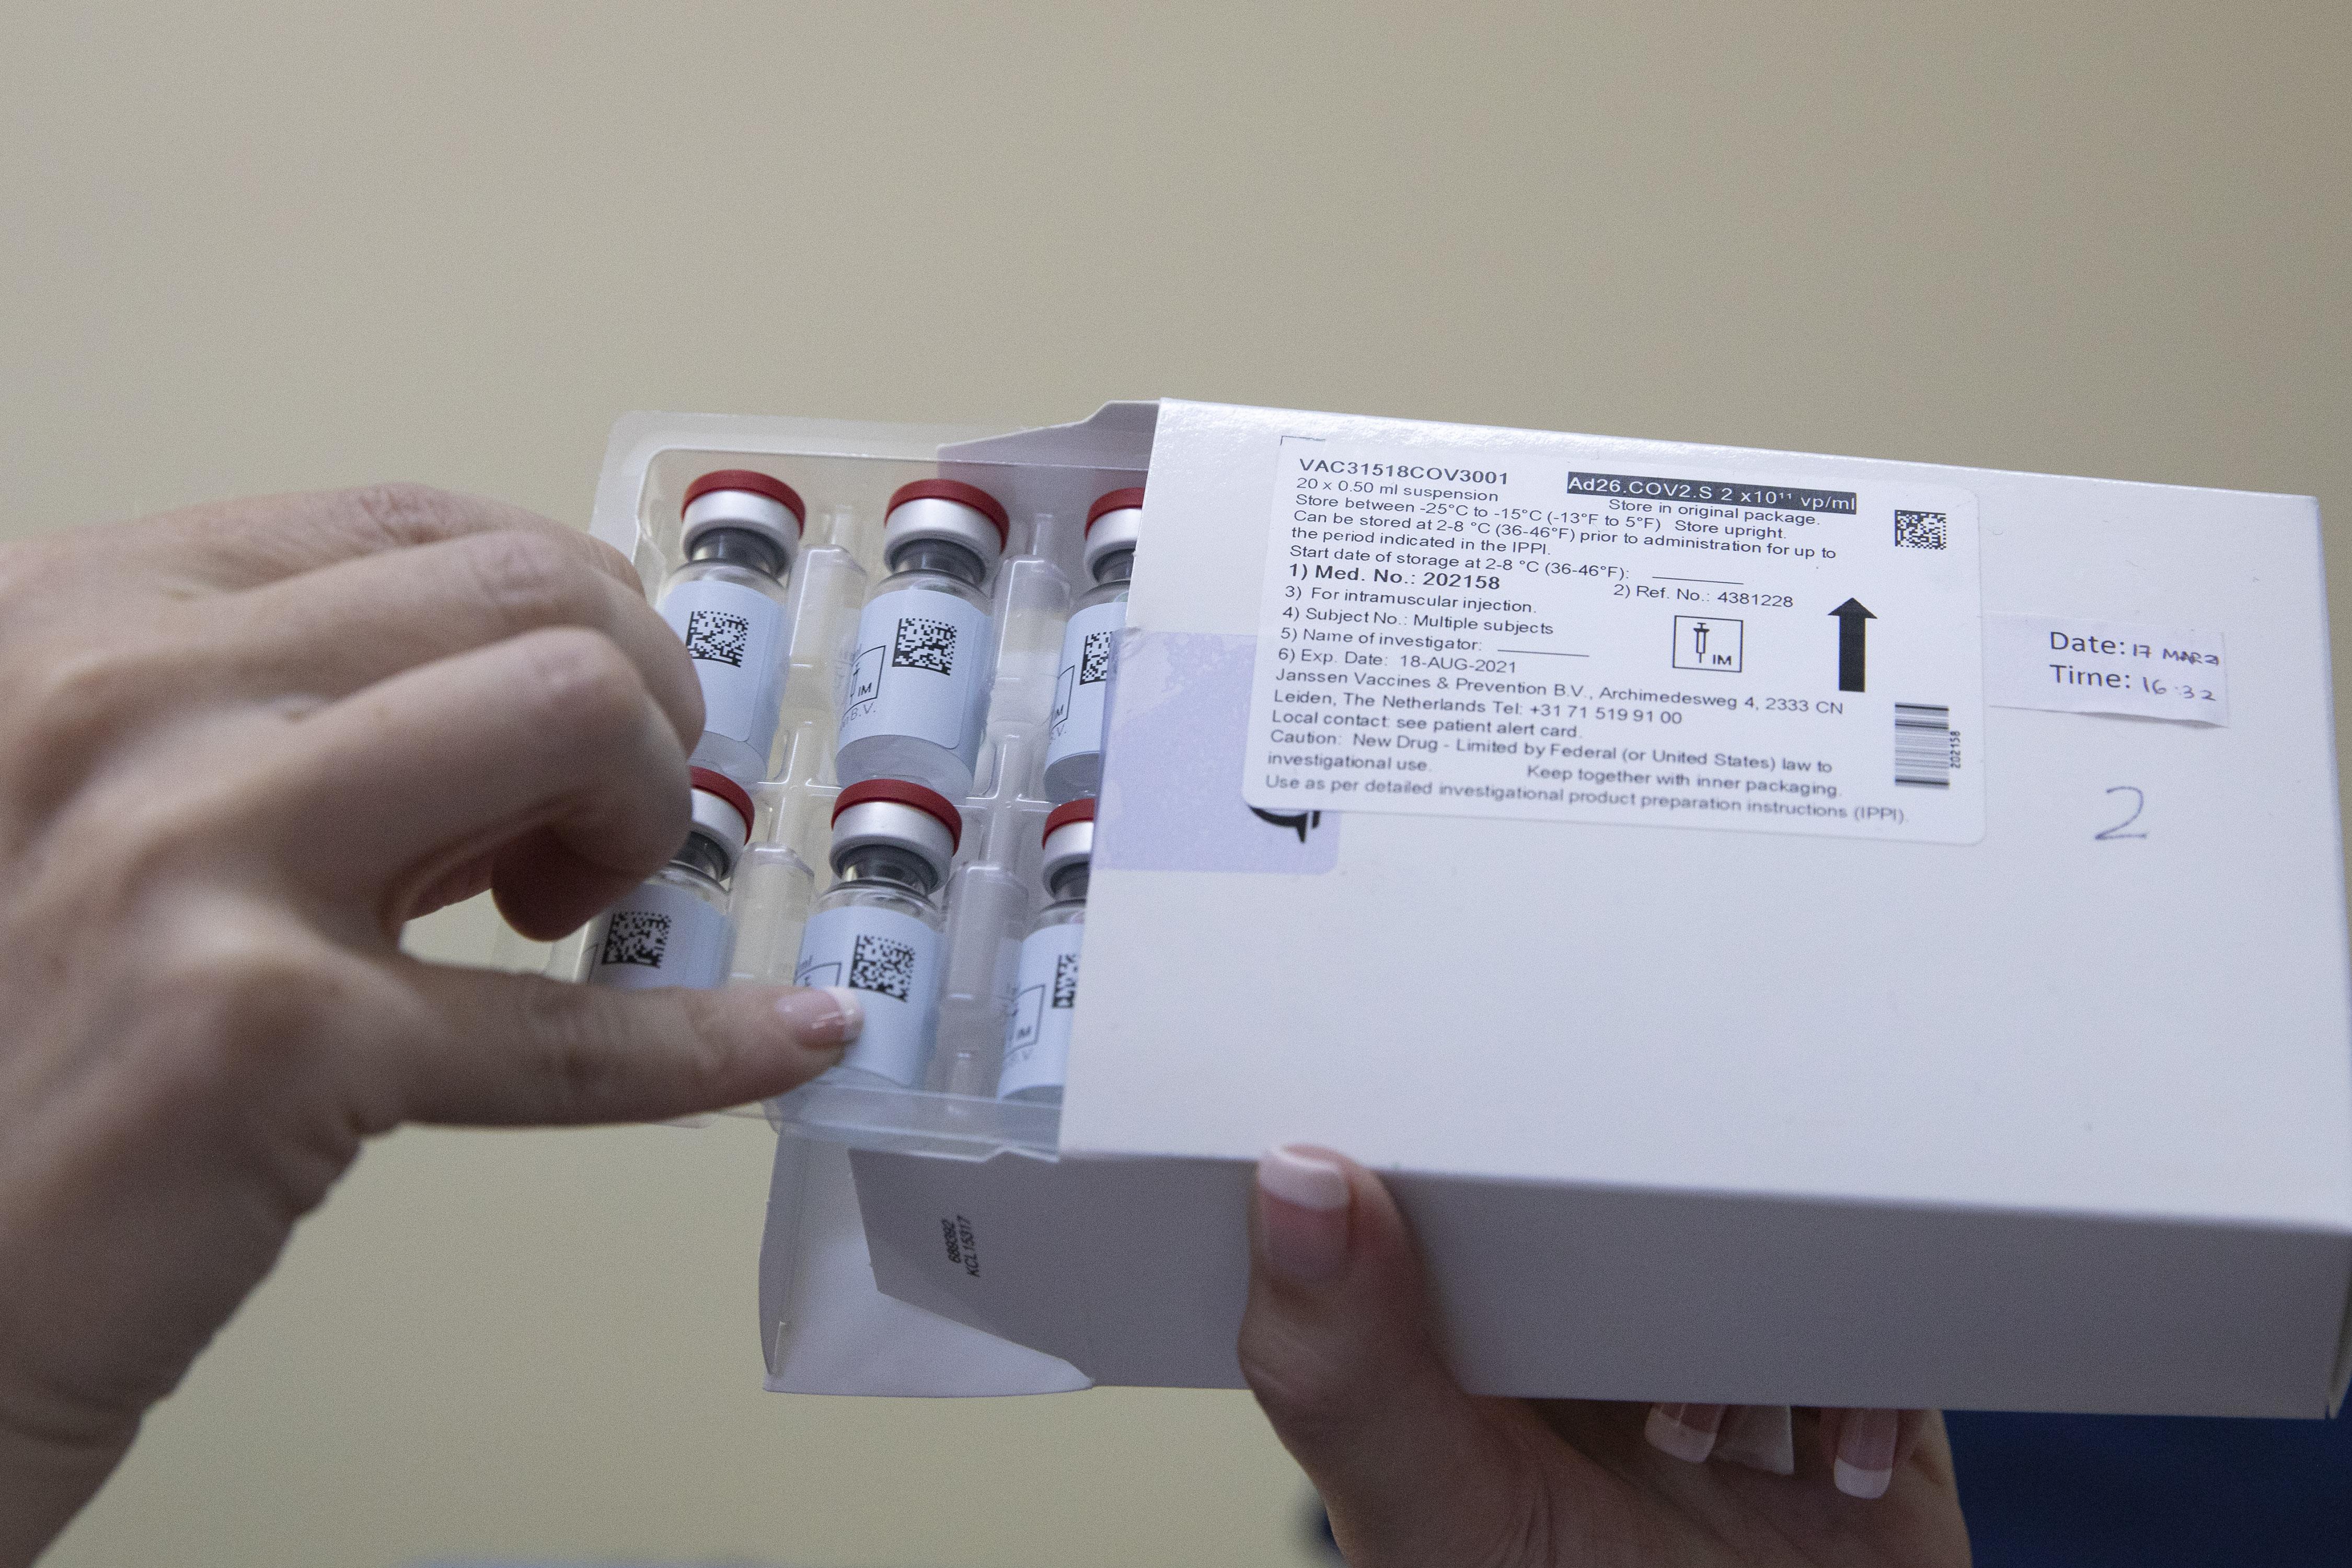 FDA y CDC piden detener uso de vacuna Johnson & Johnson en EE.UU. tras seis casos de coágulo sanguíneo